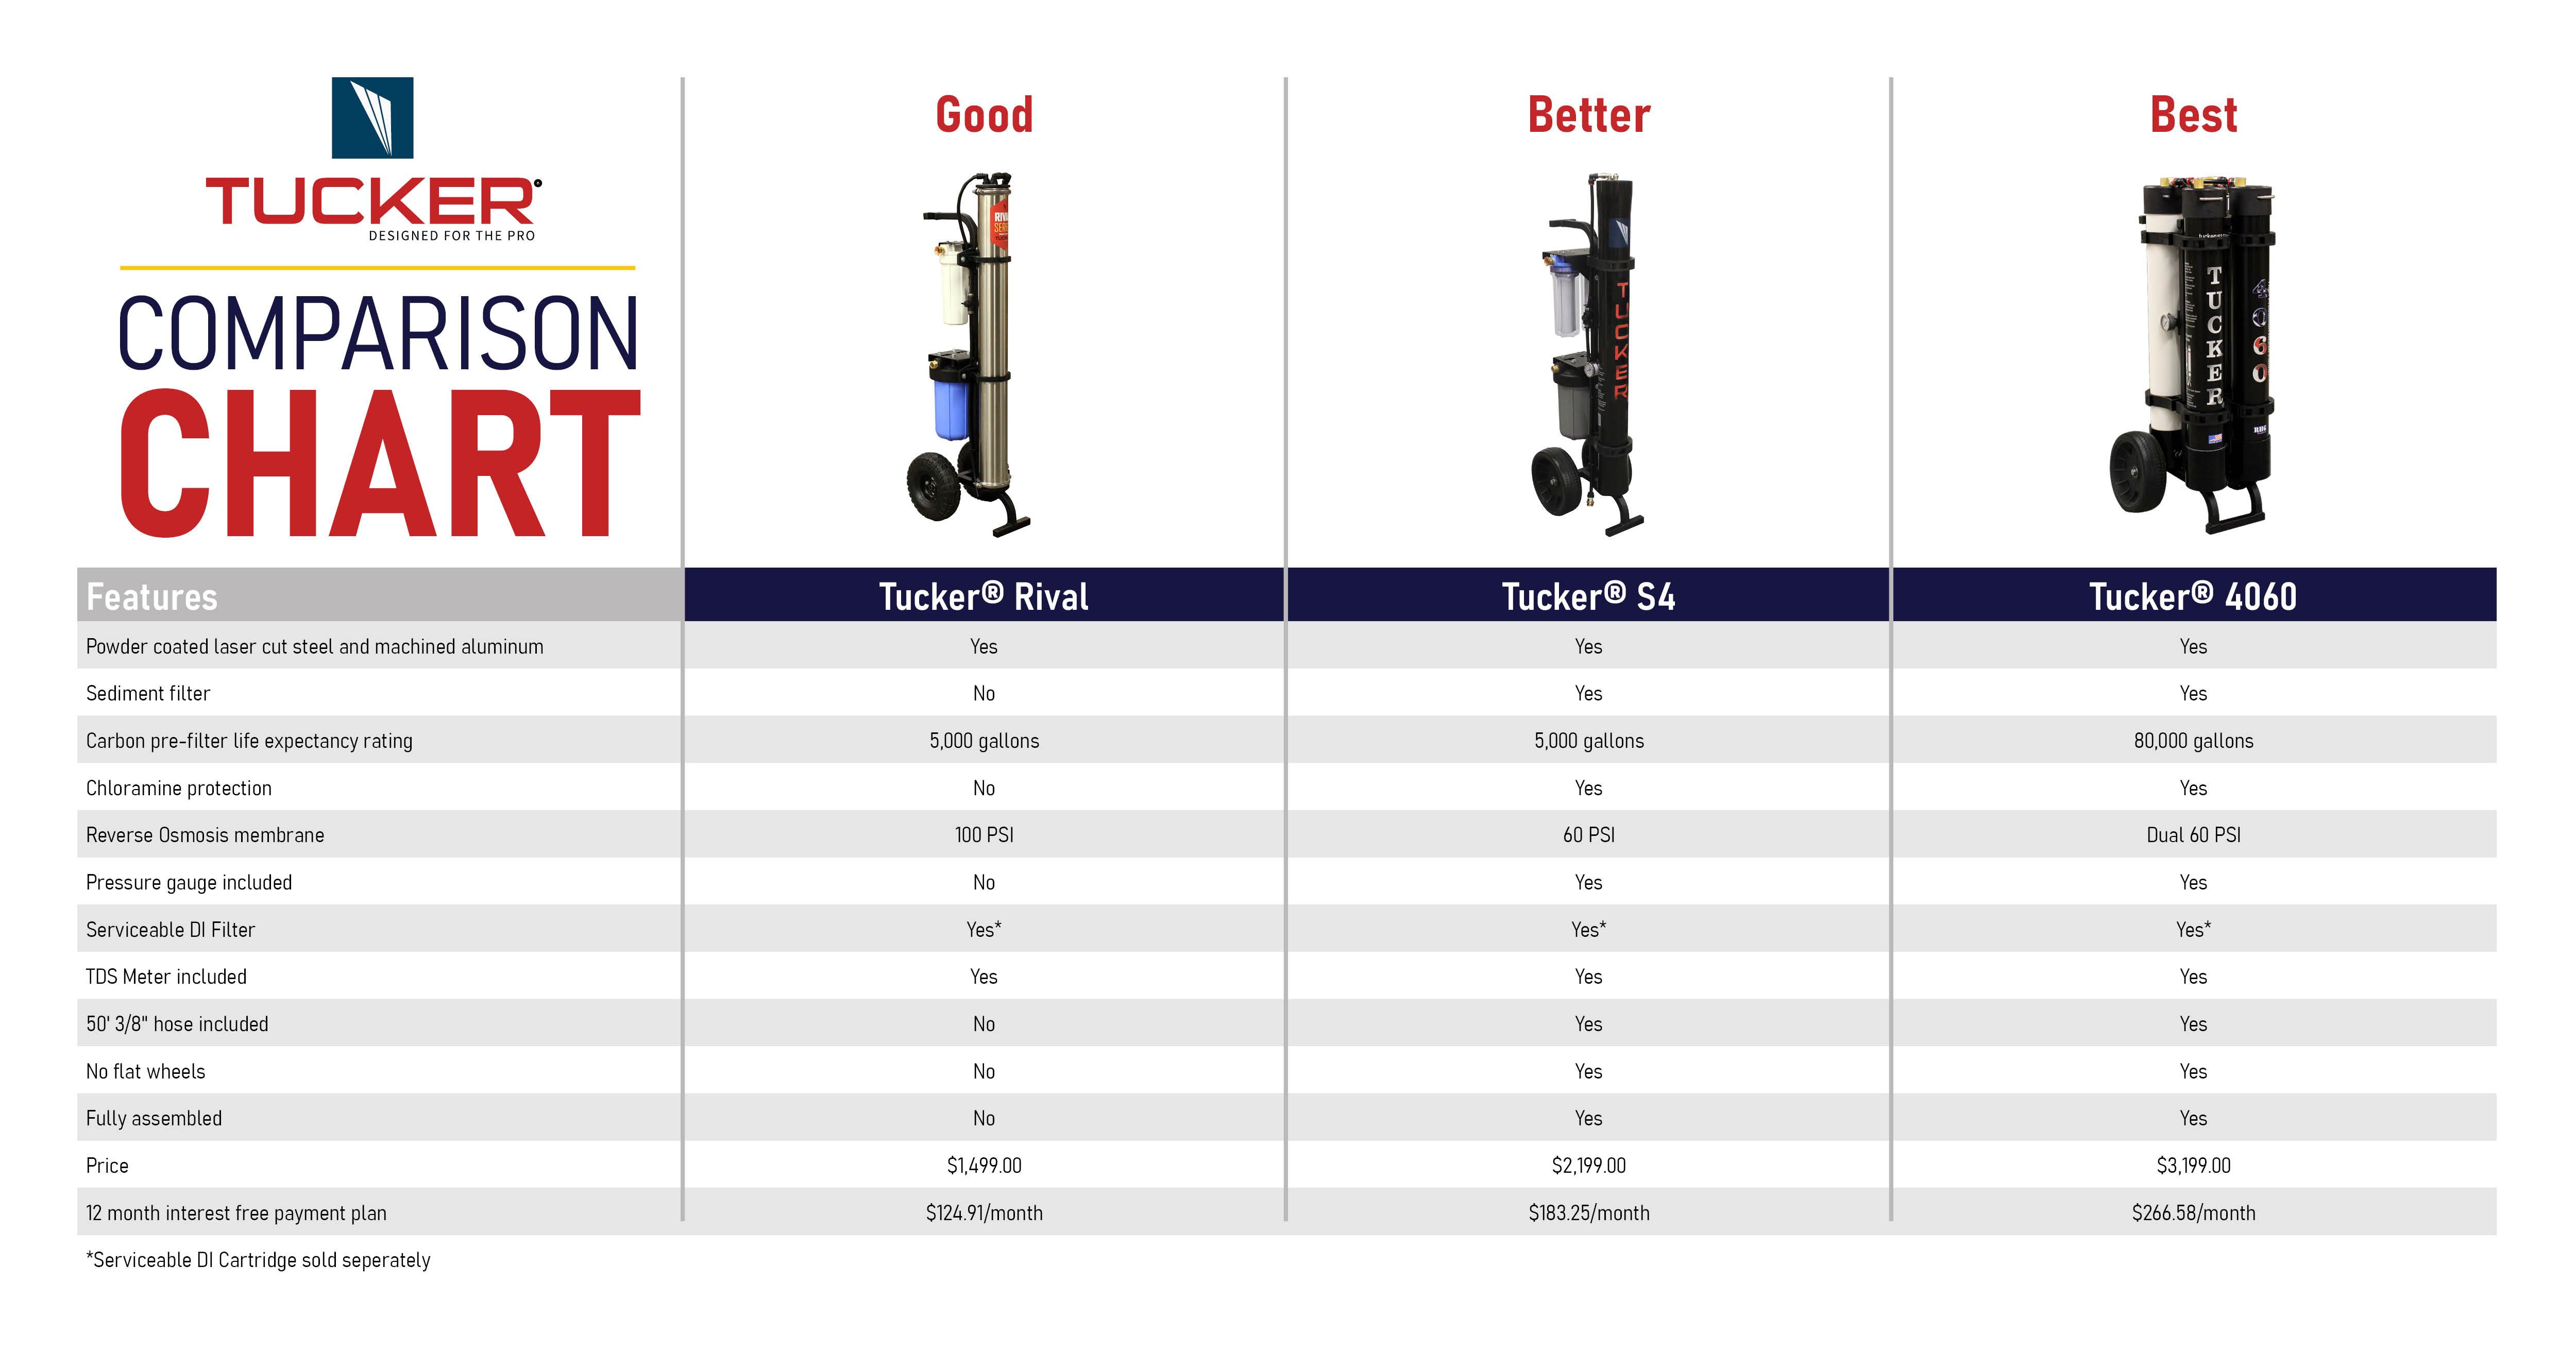 comparison-chart-facebook-v2.jpg